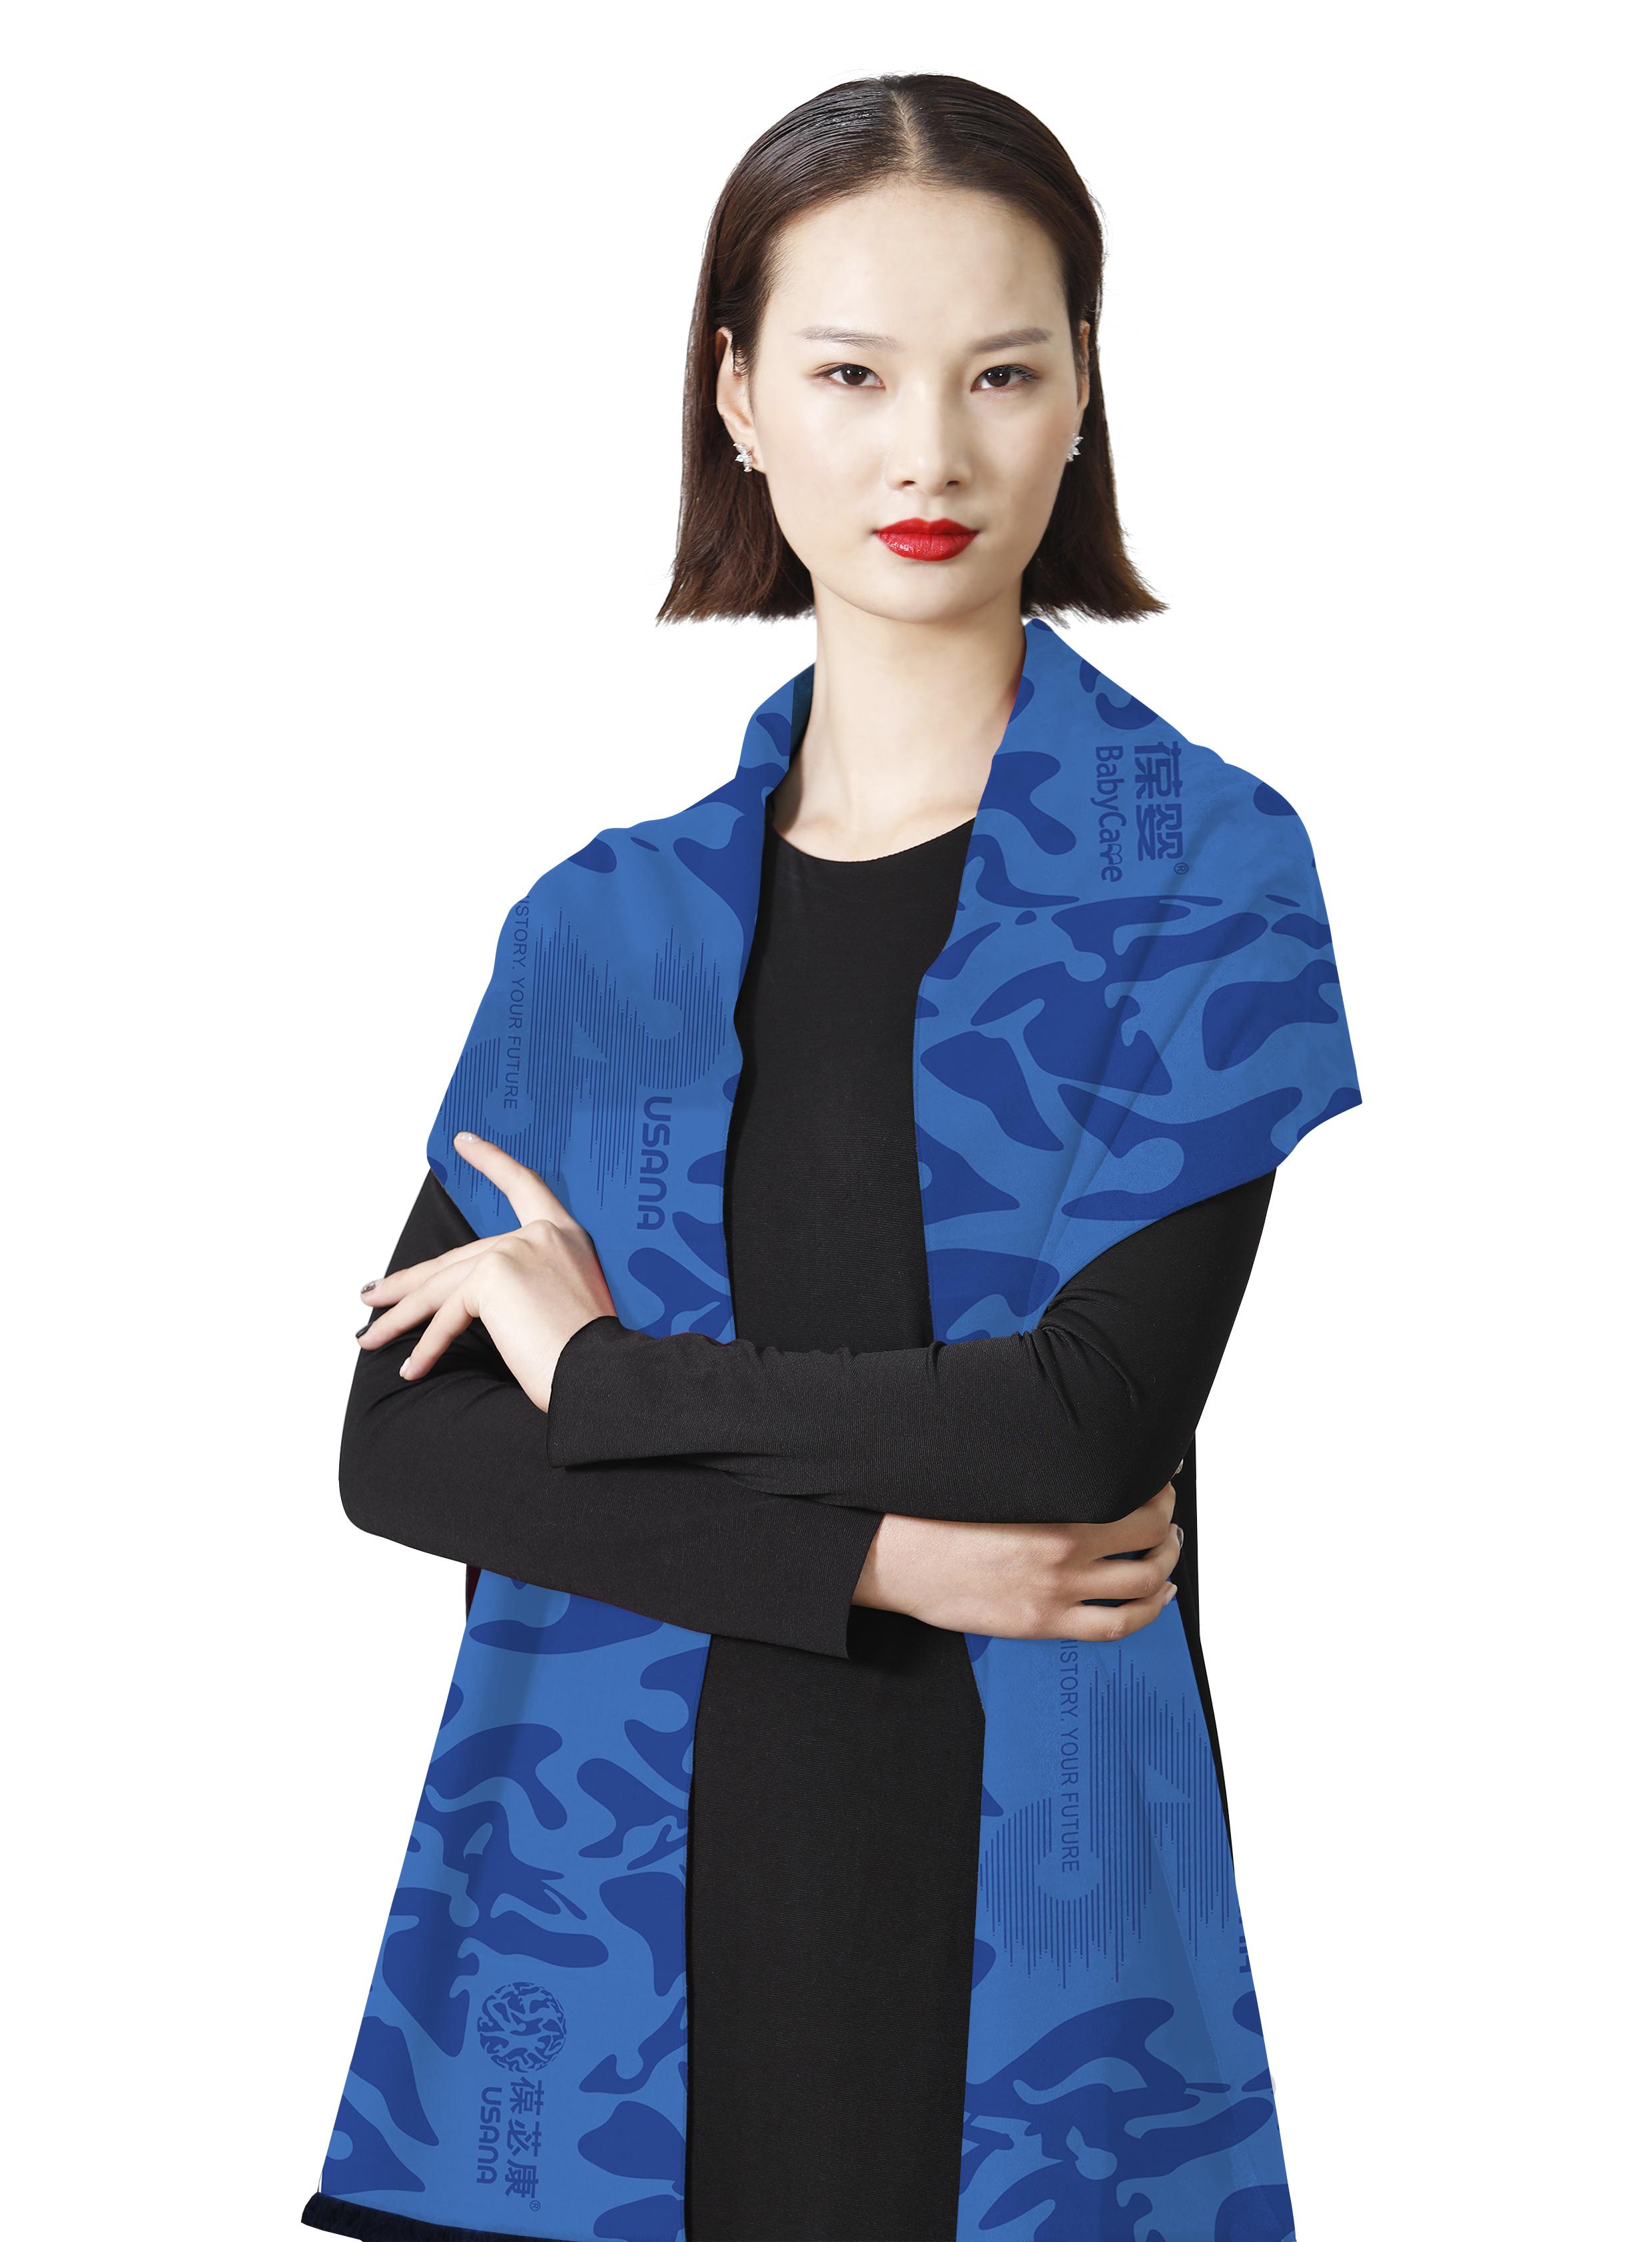 化妝品品牌葆嬰之LOGO慶典圍巾